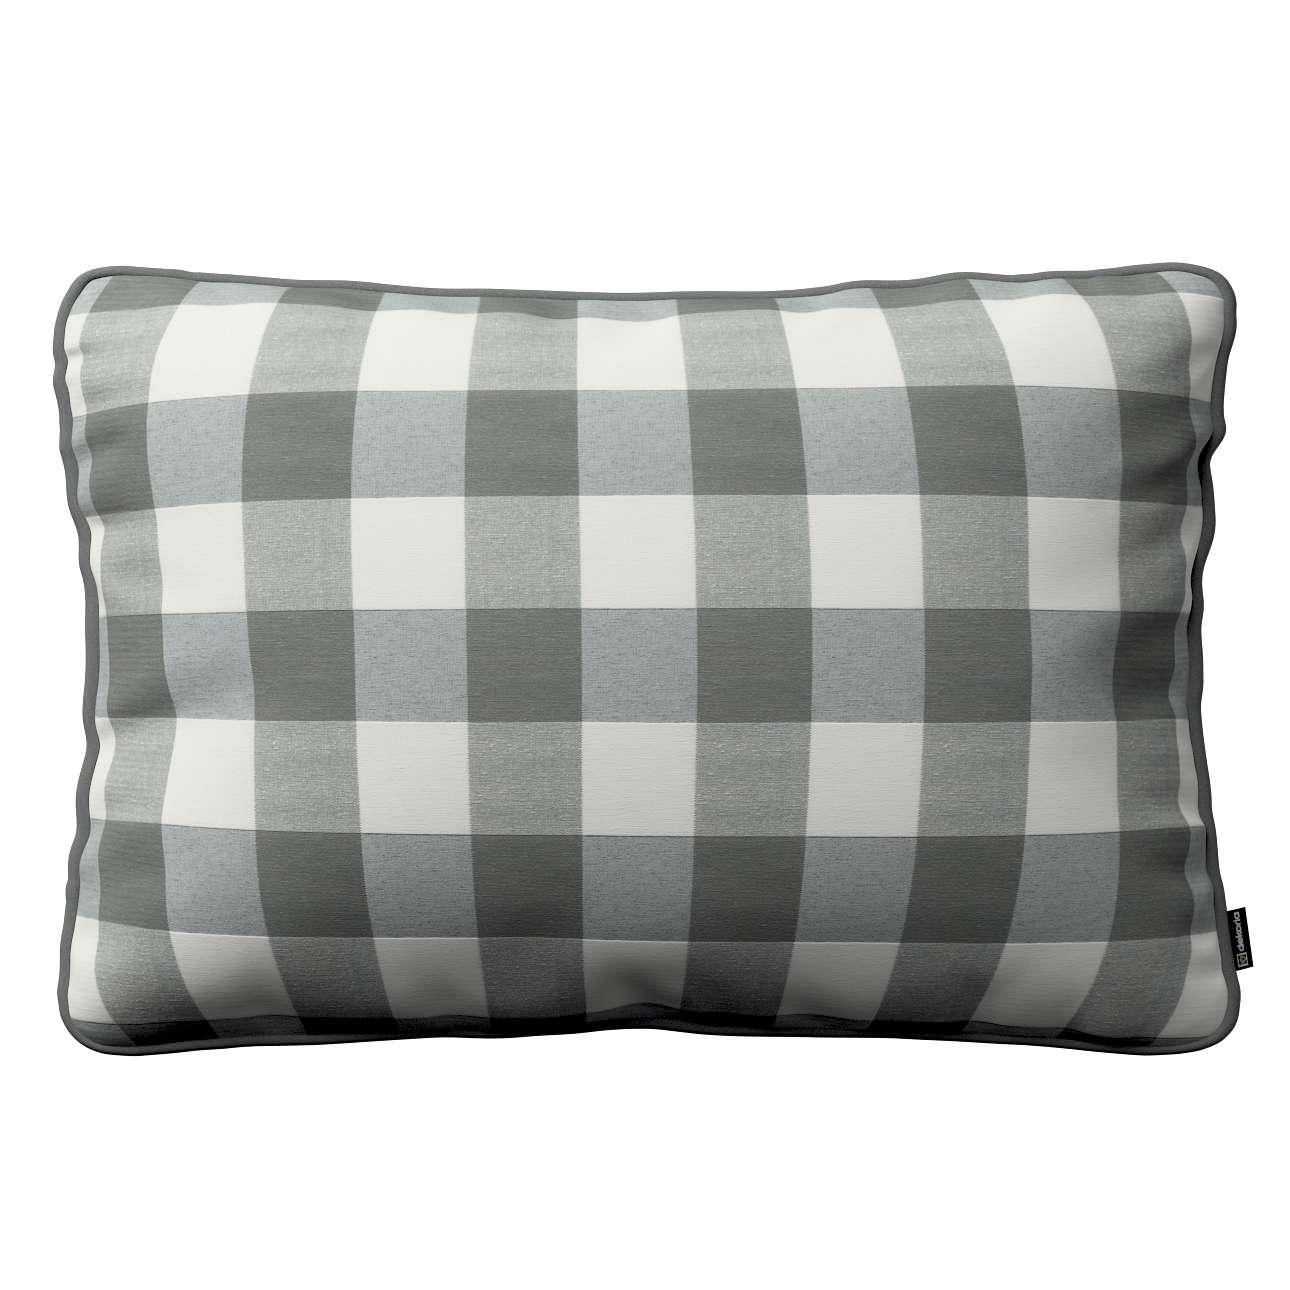 Poszewka Gabi na poduszkę prostokątna 60 x 40 cm w kolekcji Quadro, tkanina: 136-13